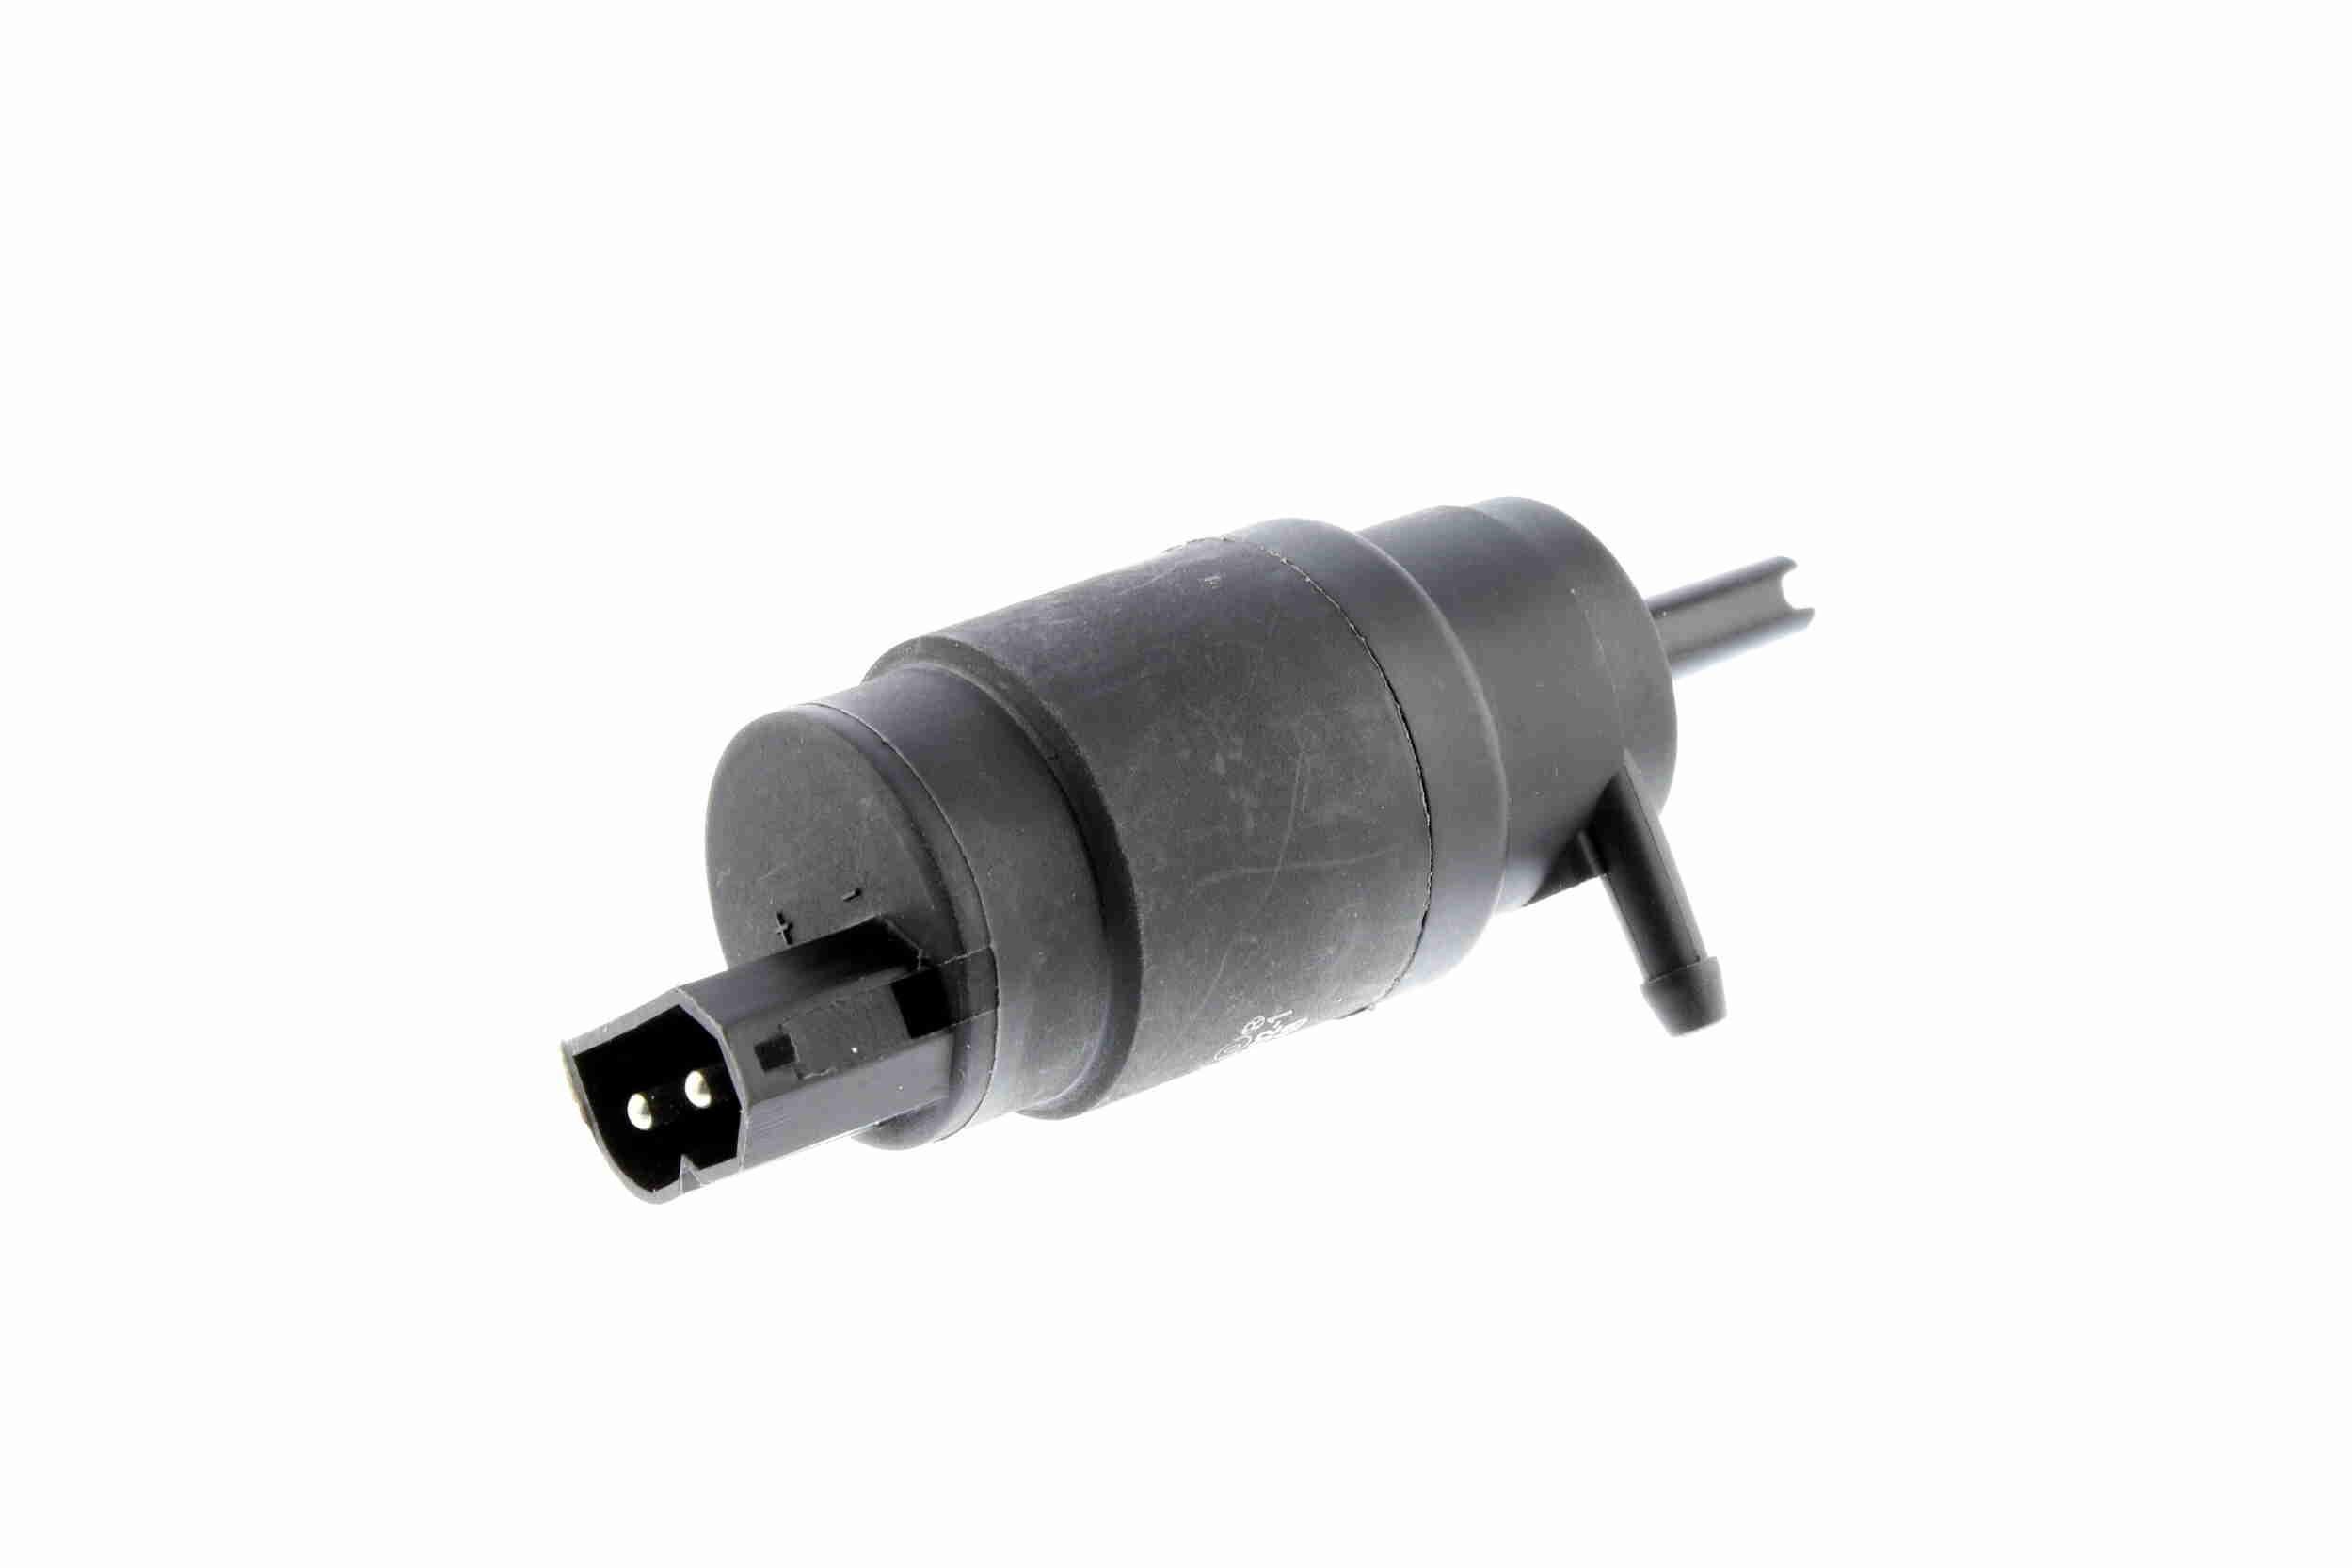 Waschwasserpumpe V20-08-0102-1 VEMO V20-08-0102-1 in Original Qualität